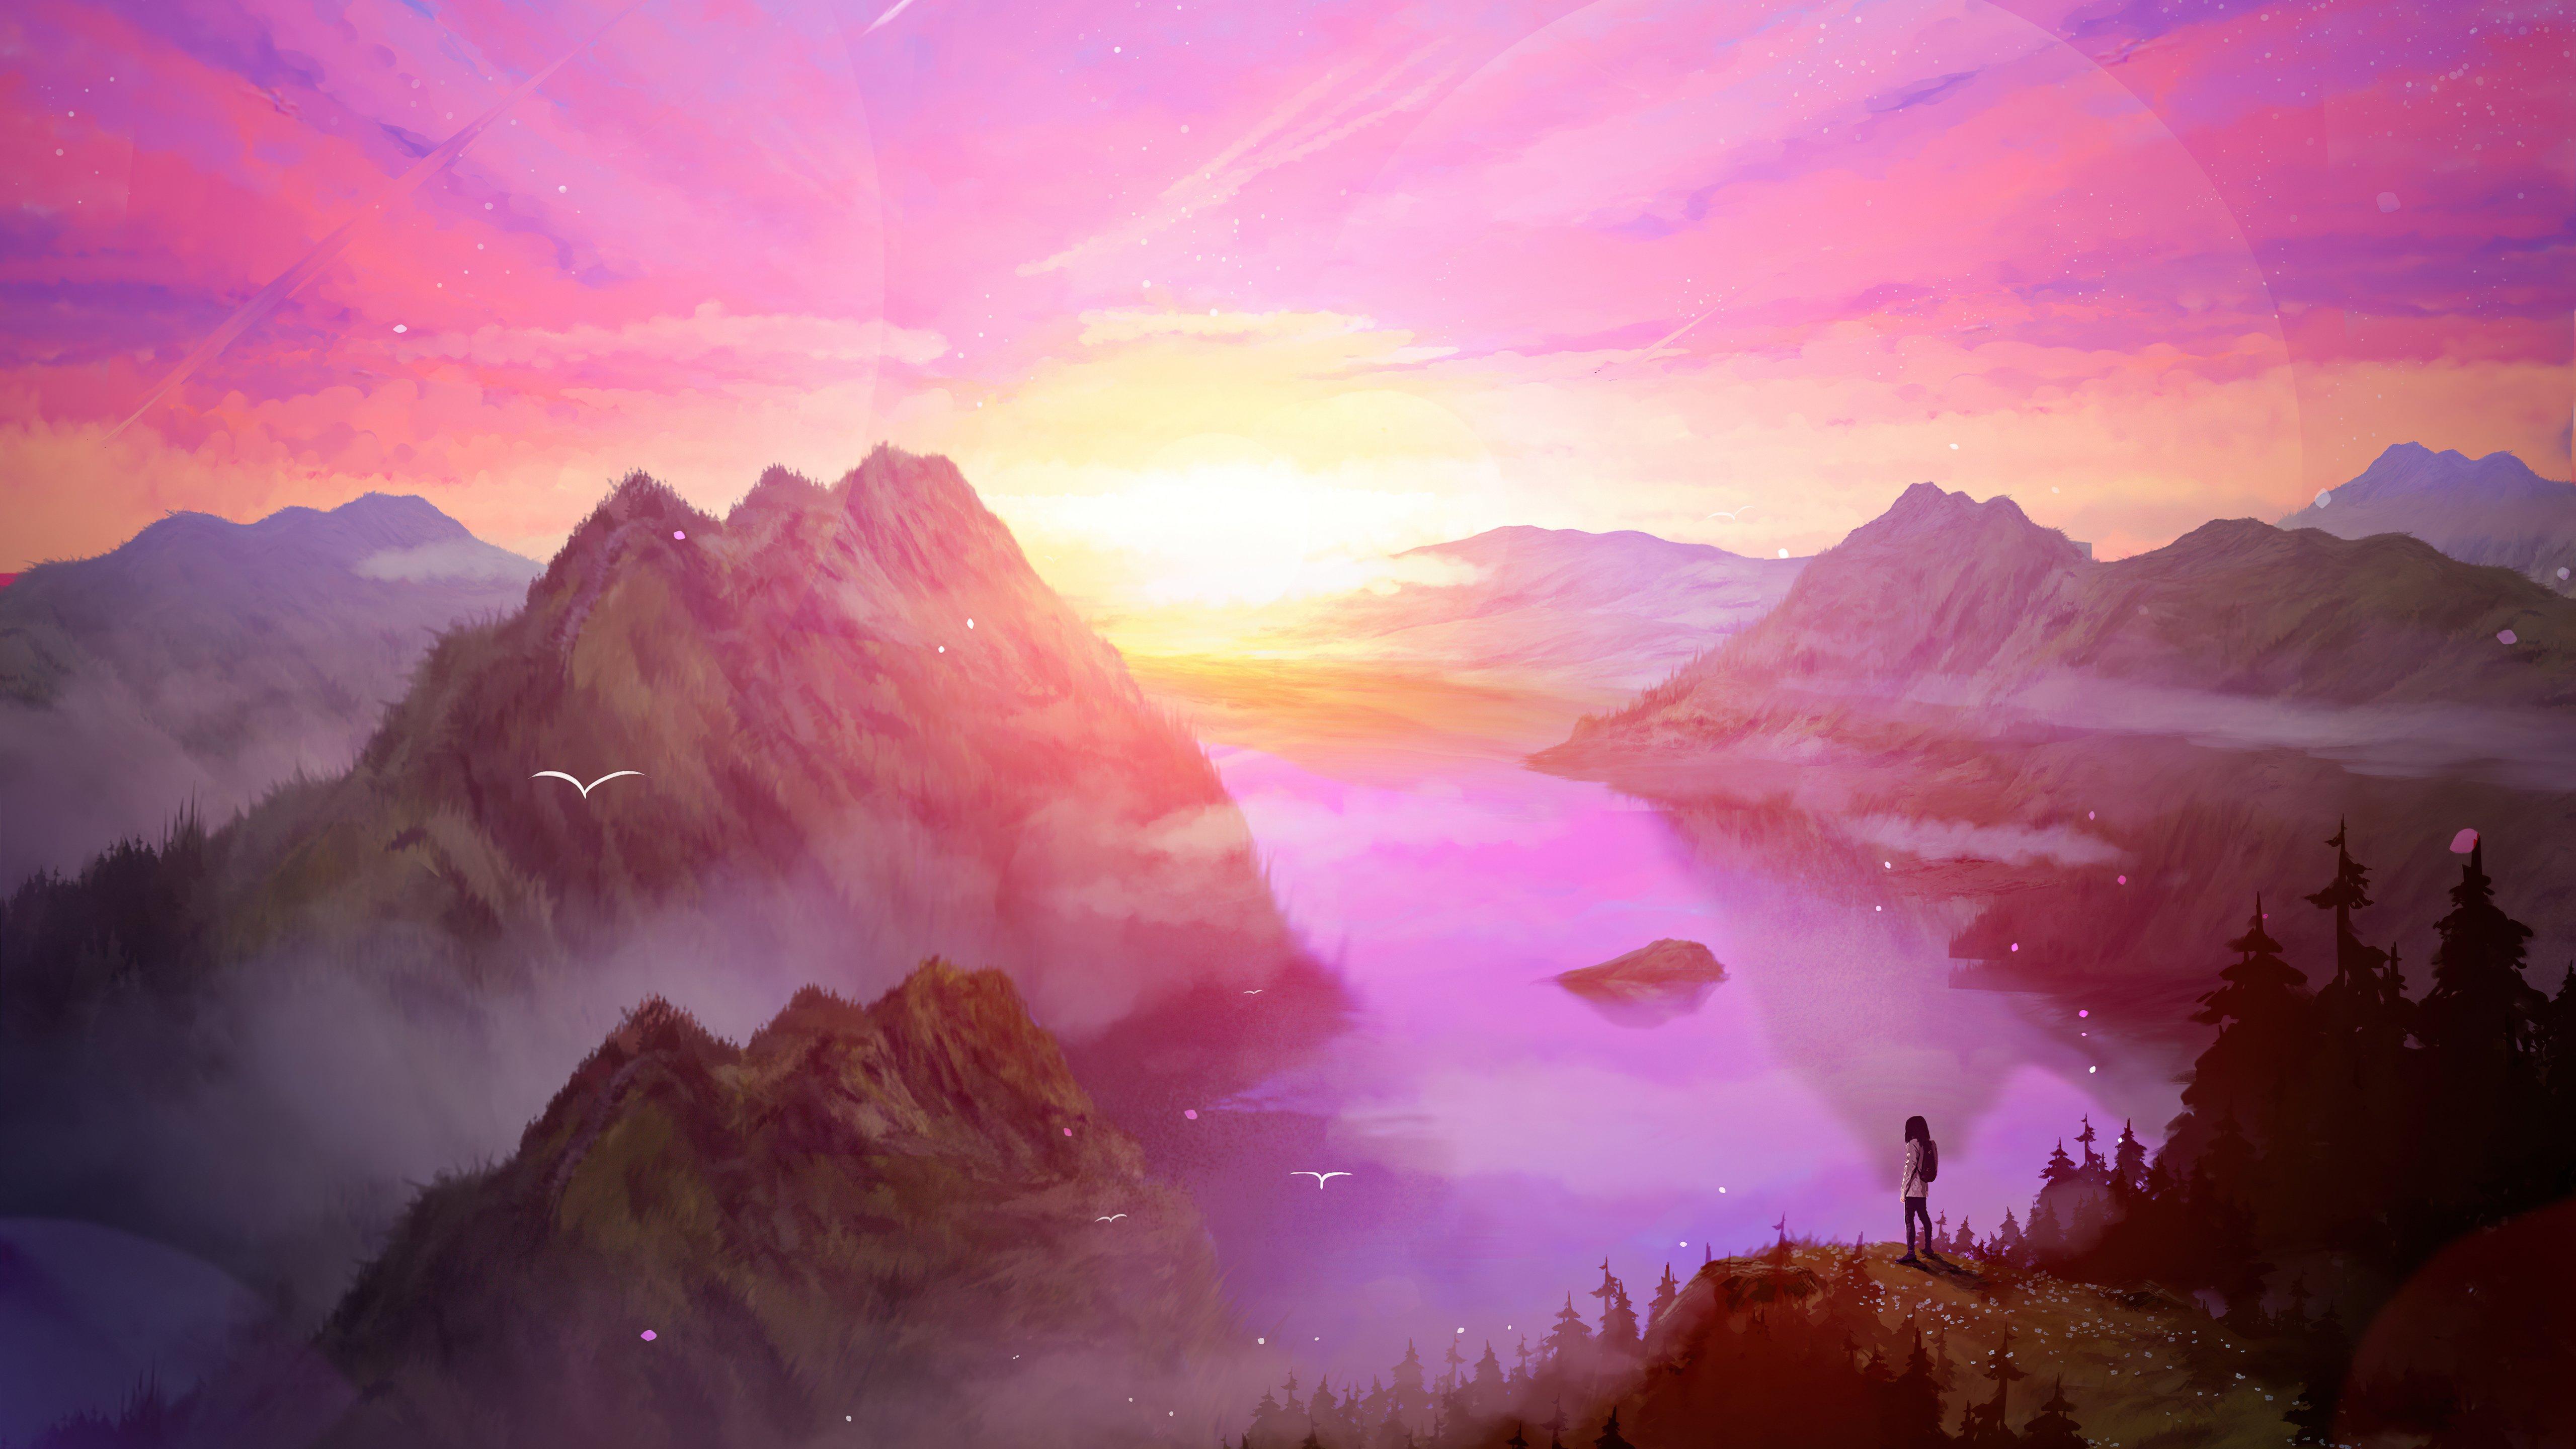 Fondos de pantalla Amanecer en las montañas Arte Digital